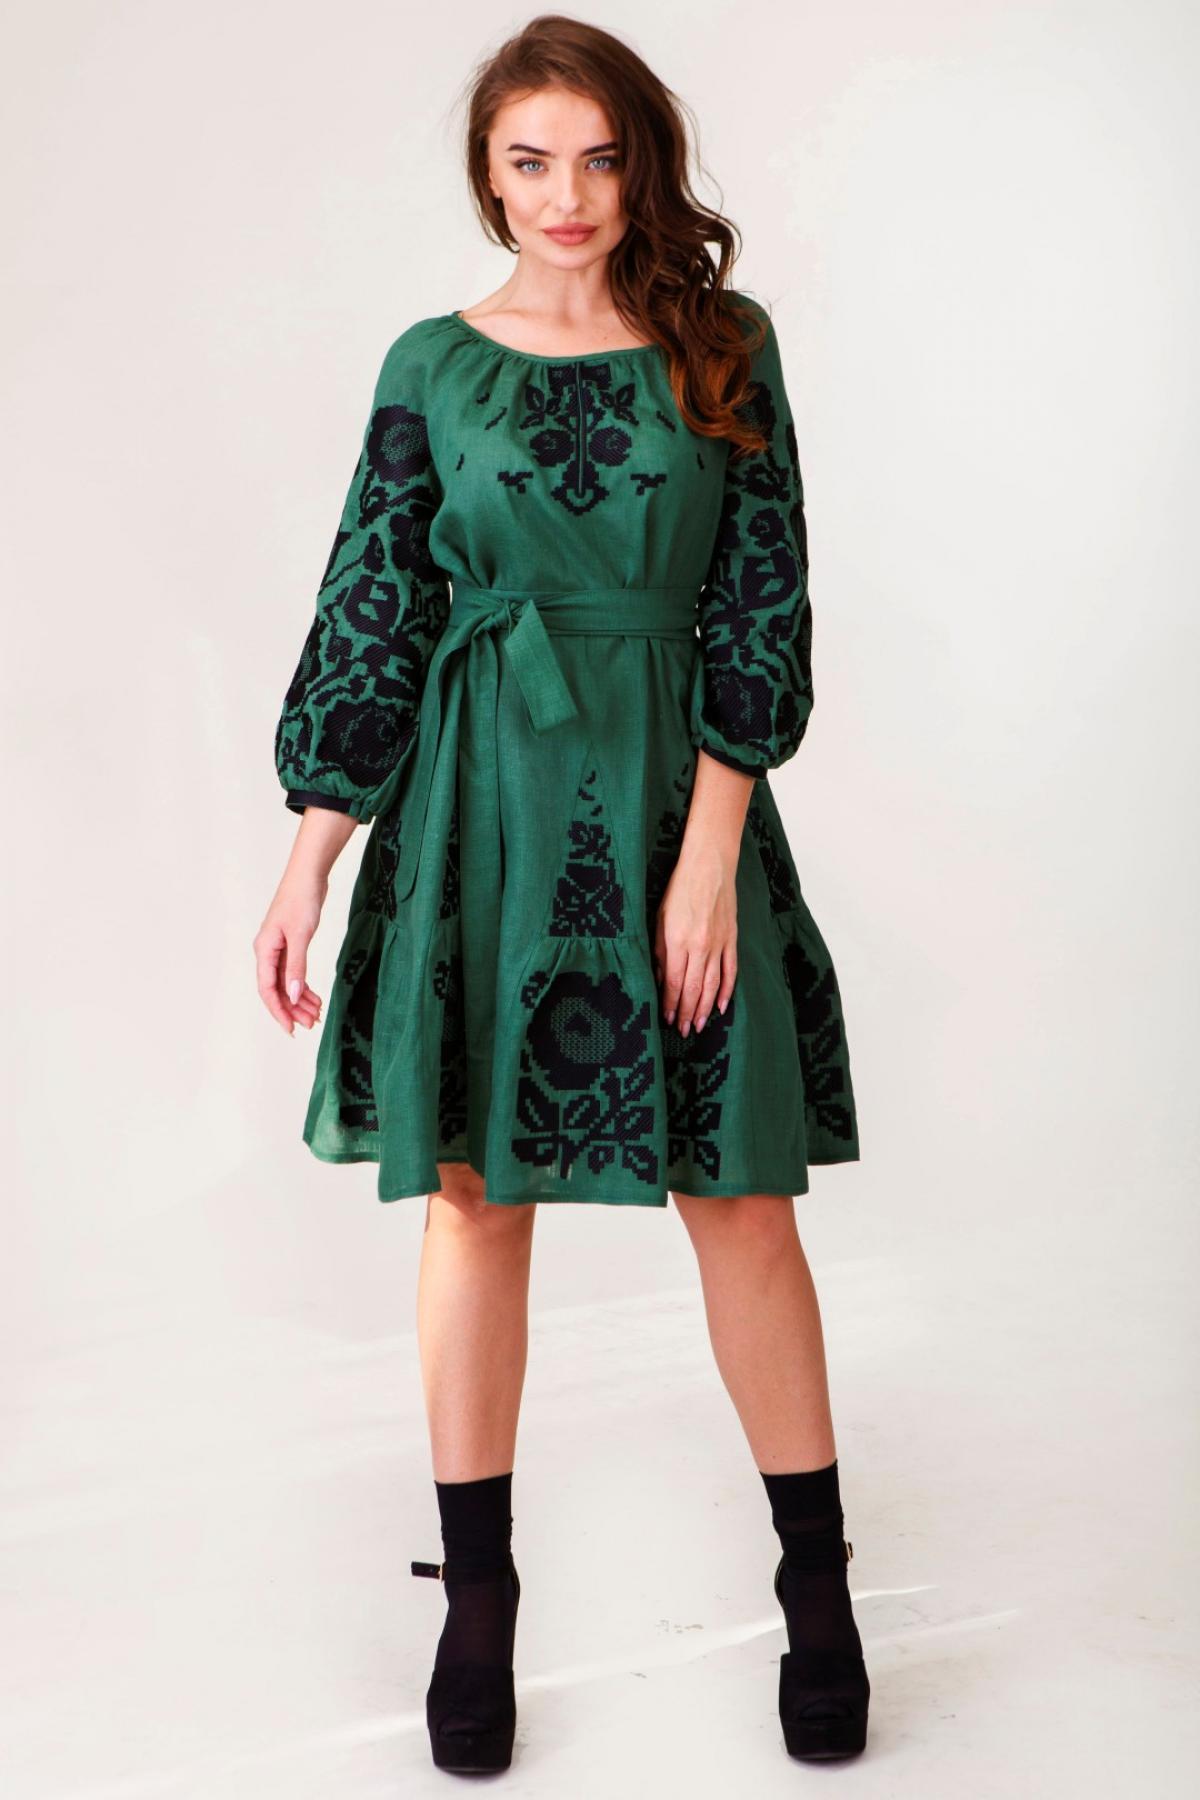 Оливково-зелена вишита сукня. Фото №1. | Народний дім Україна